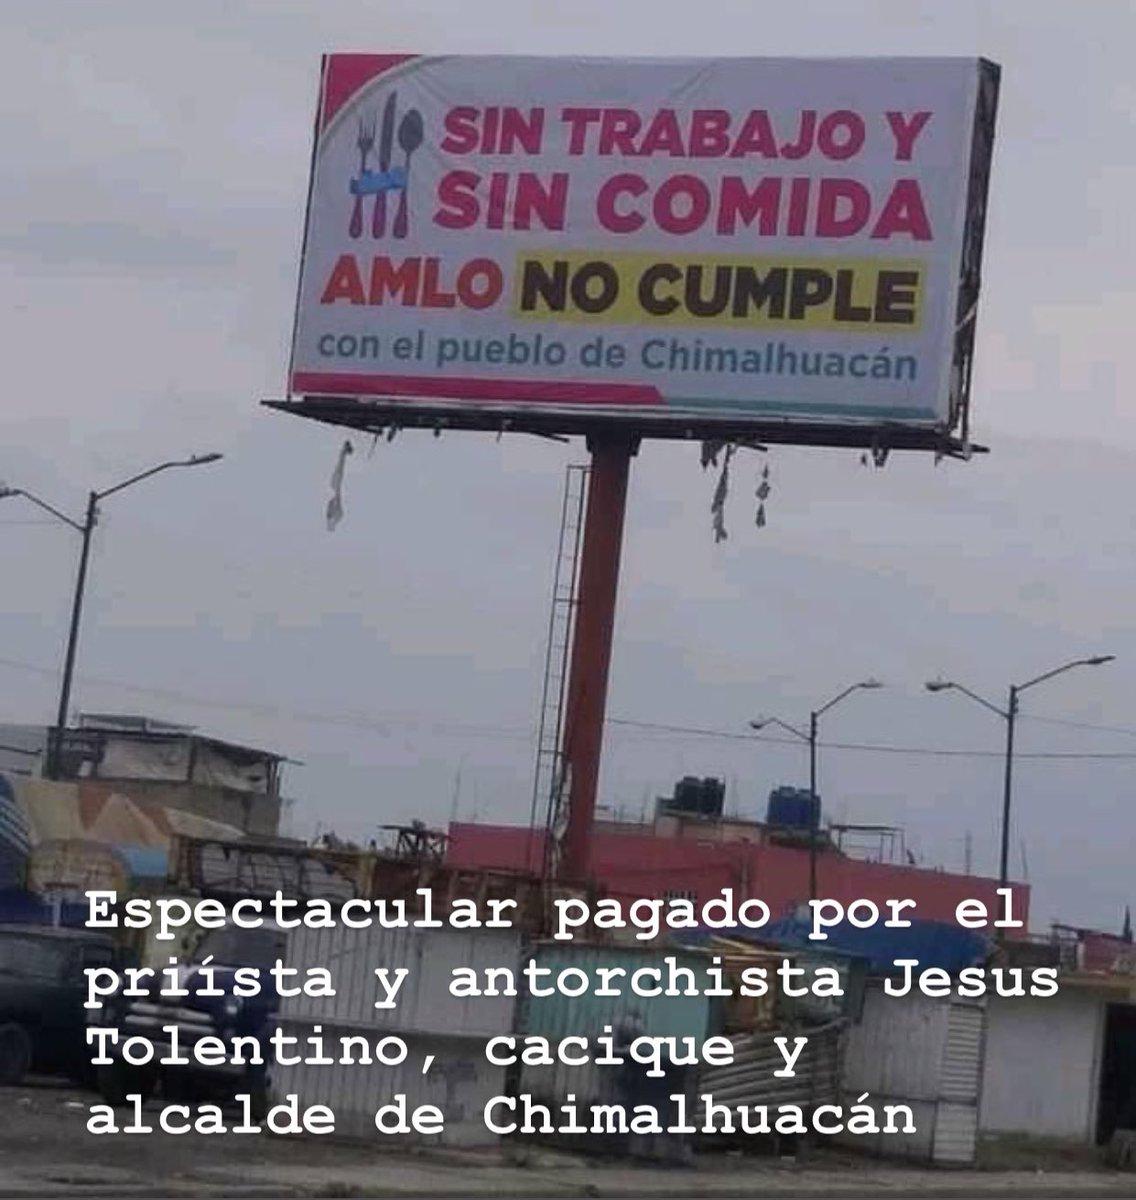 Las colonias de Chimalhuacán están en el completo abandono, pero Jesús Tolentino, alcalde antorchista de Chimalhuacán se gastó cerca de 200,000 pesos en estos espectaculares.   Urge sacar al PRI y al PAN en 2021 de los pocos reductos que aún mantienen.